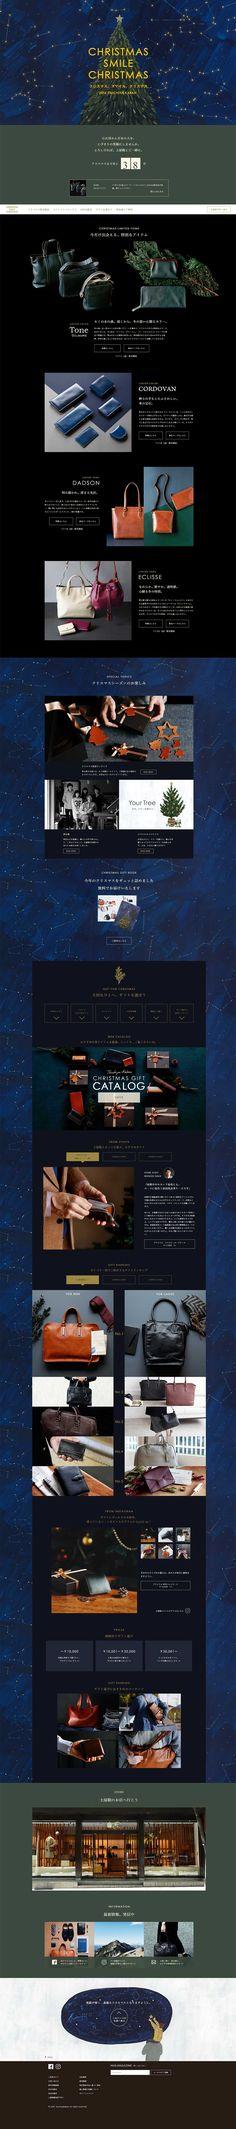 土屋鞄のクリスマスギフトサイト【バッグ・財布・小物関連】のLPデザイン。WEBデザイナーさん必見!ランディングページのデザイン参考に(シンプル系)